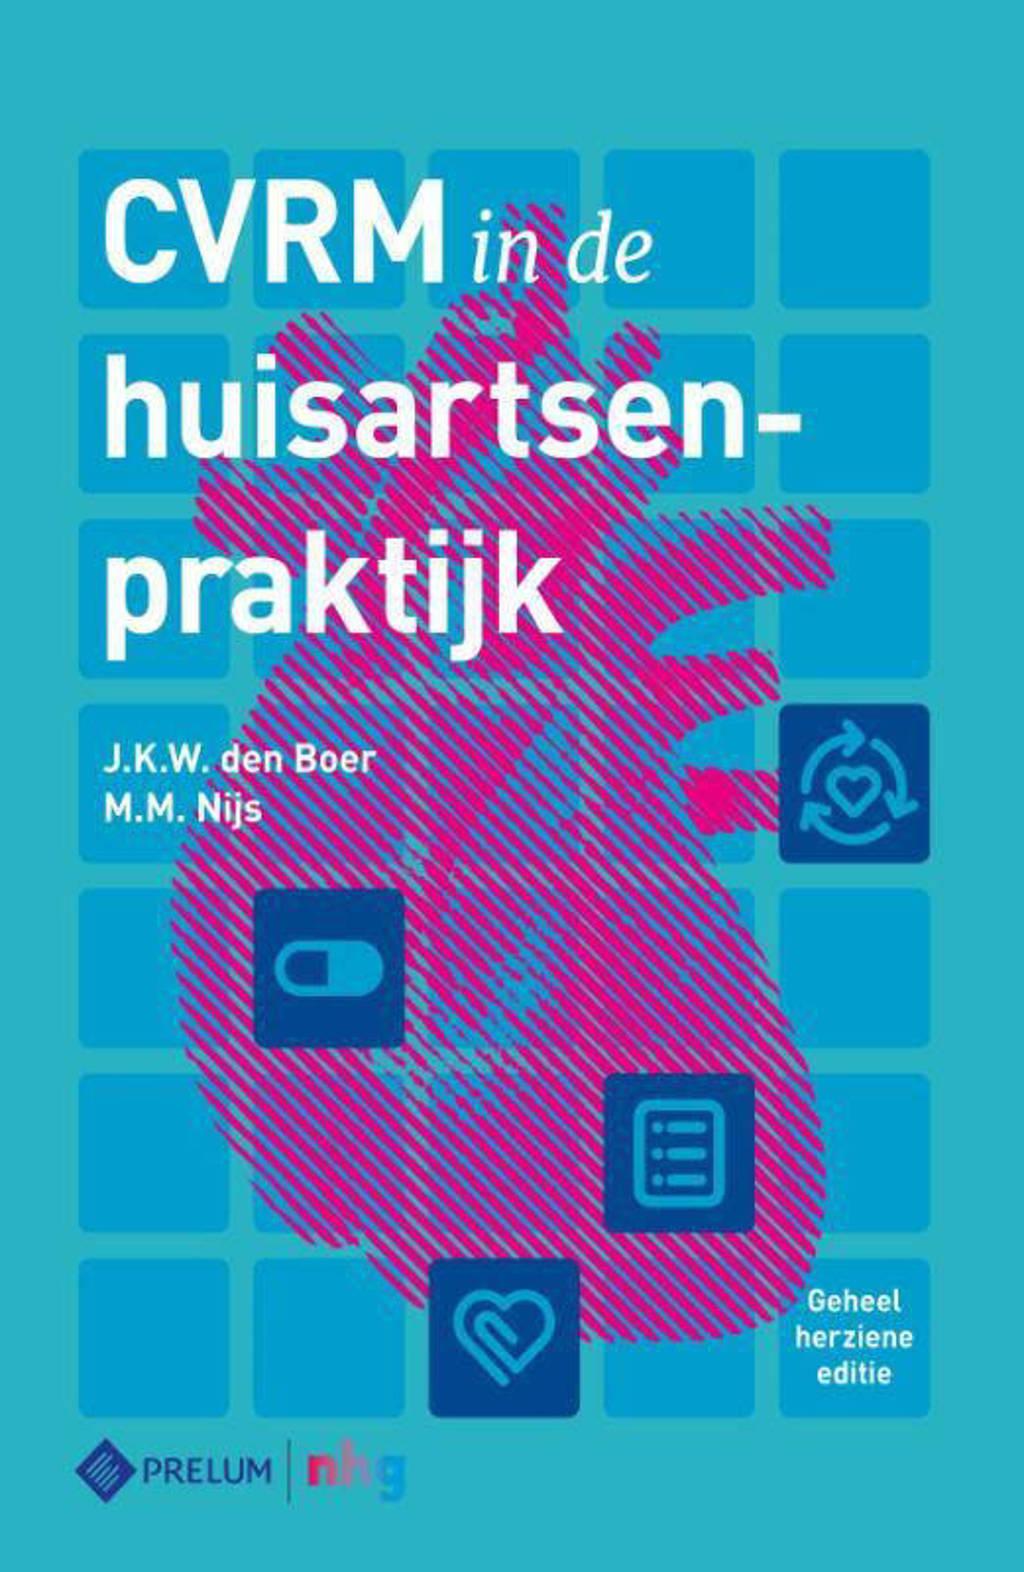 CVRM in de huisartsenpraktijk - J.K.W. den Boer en M.M. Nijs